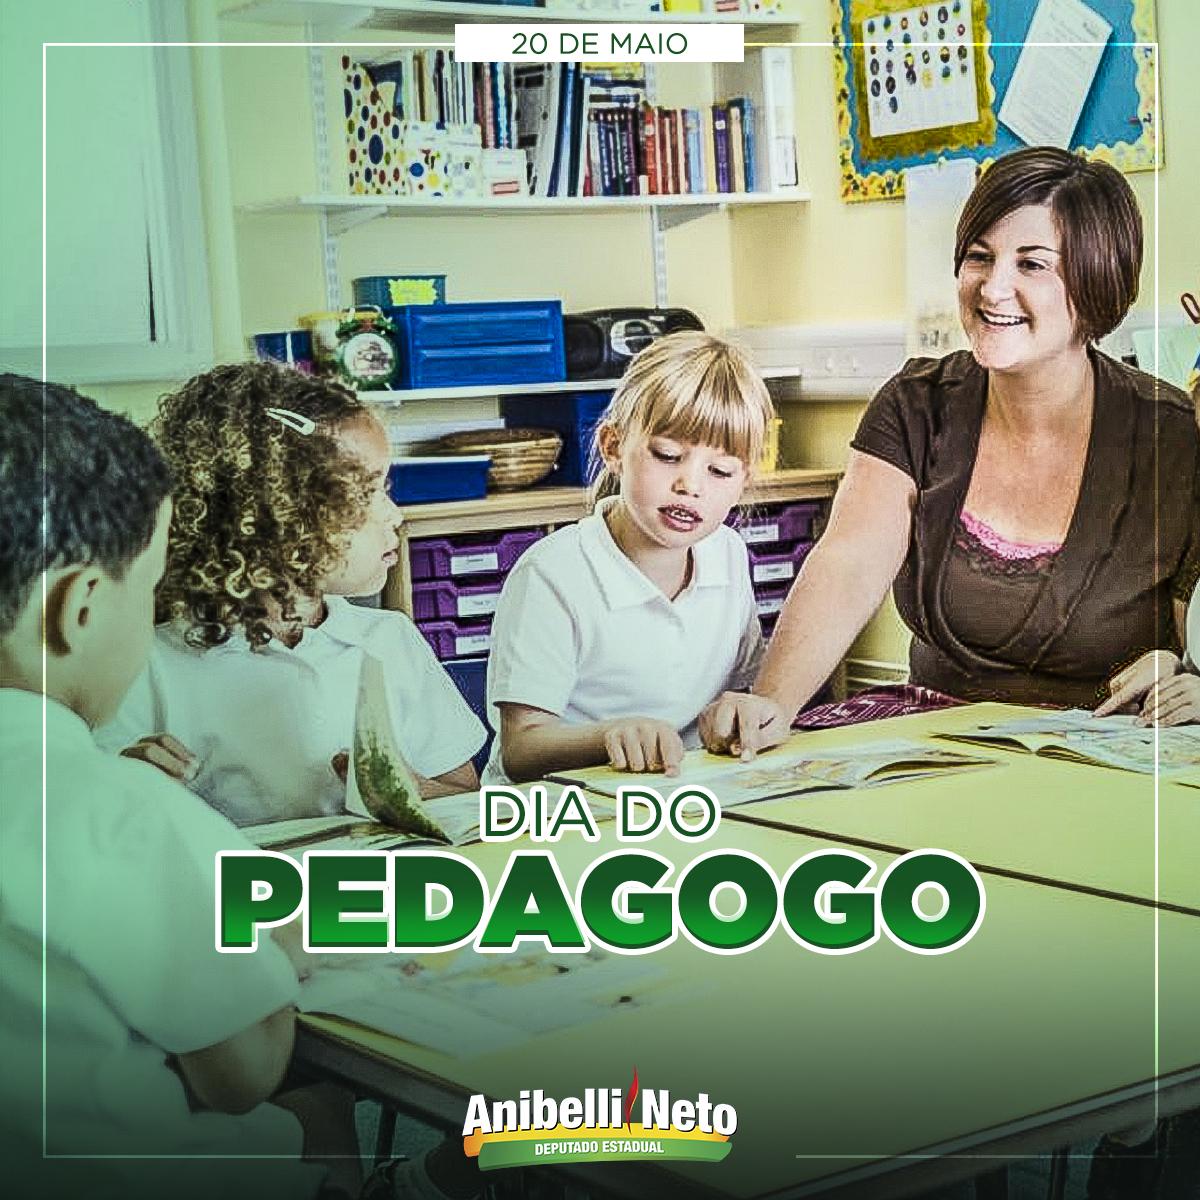 Dia do Pedagogo